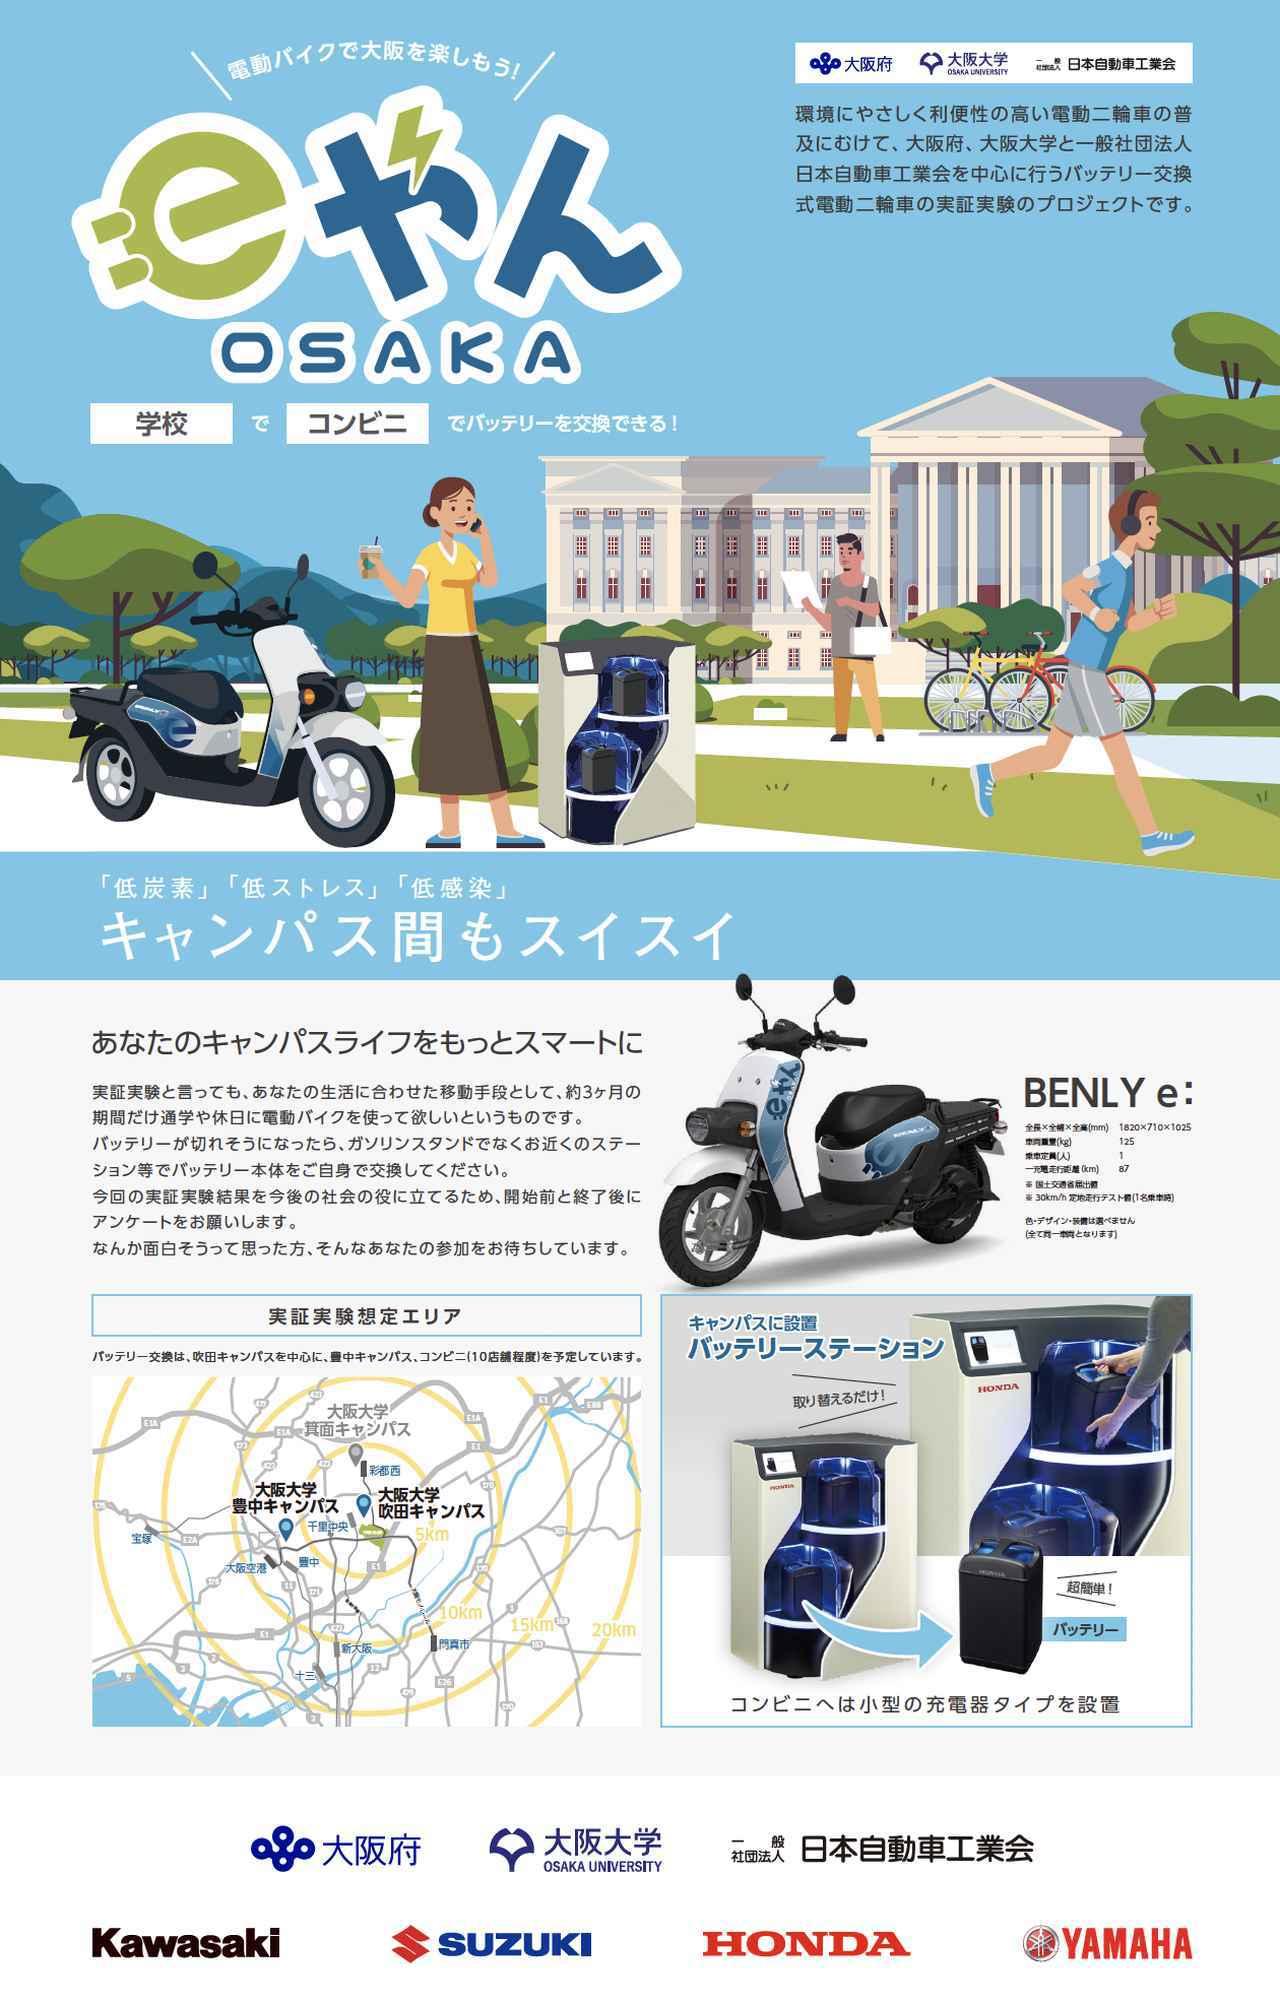 画像: 産学官で二輪EV普及へ実証実験 9月から開始 自工会が大阪大学、大阪府と連携し実施